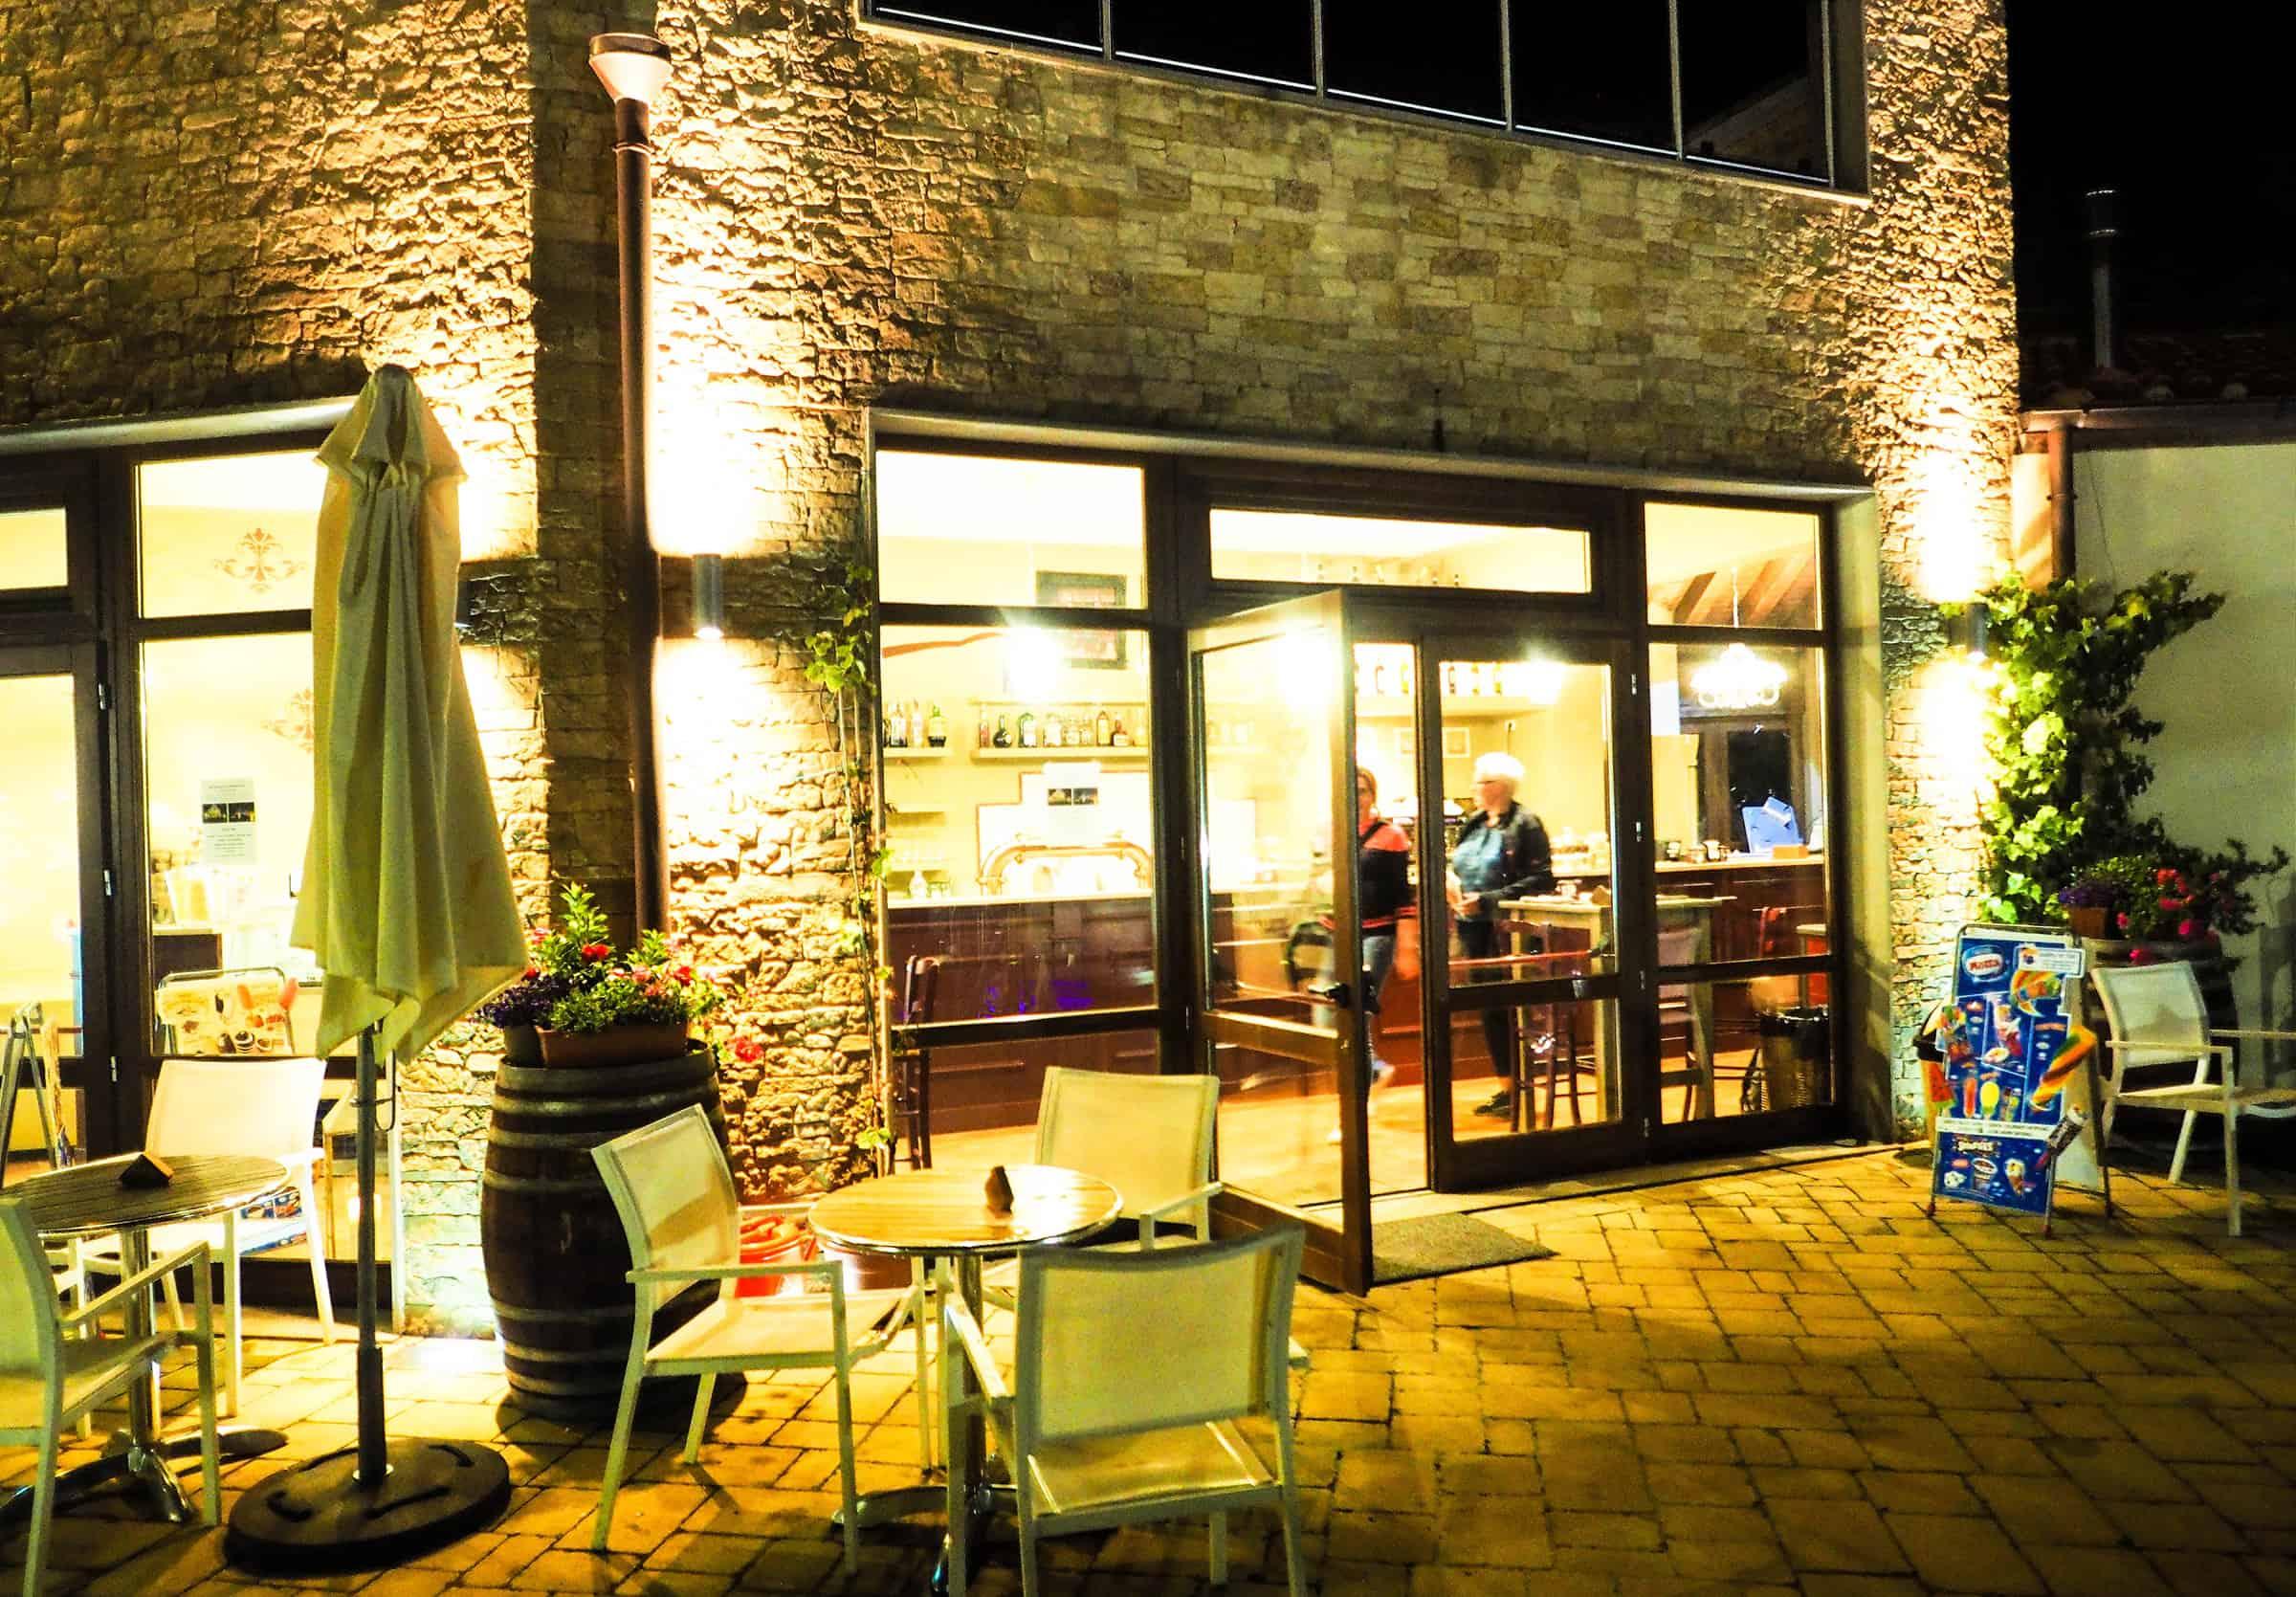 Campingrestaurant Orlando in Chianti